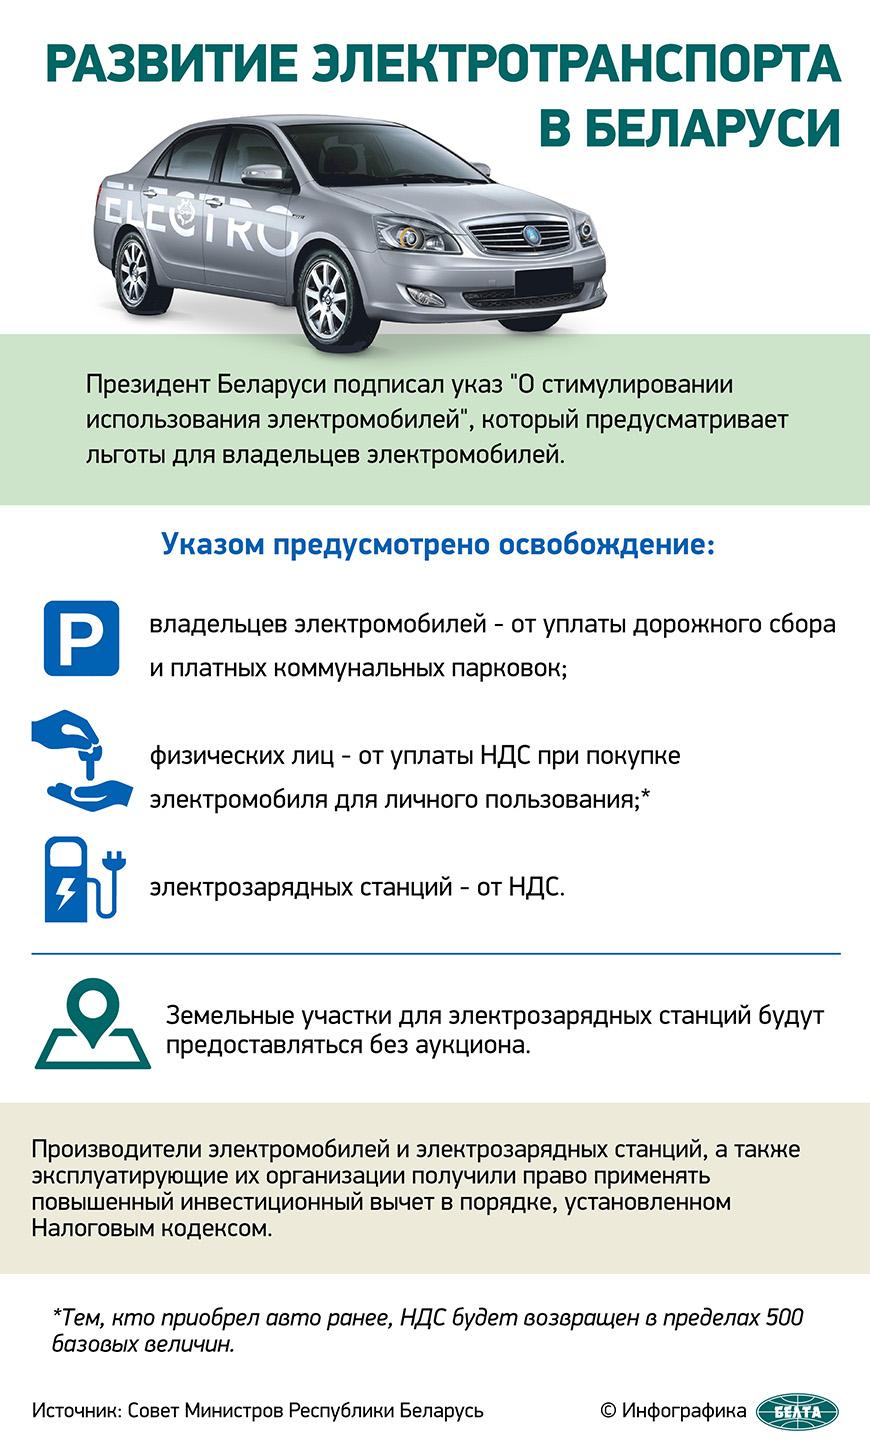 Развитие электротранспорта в Беларуси